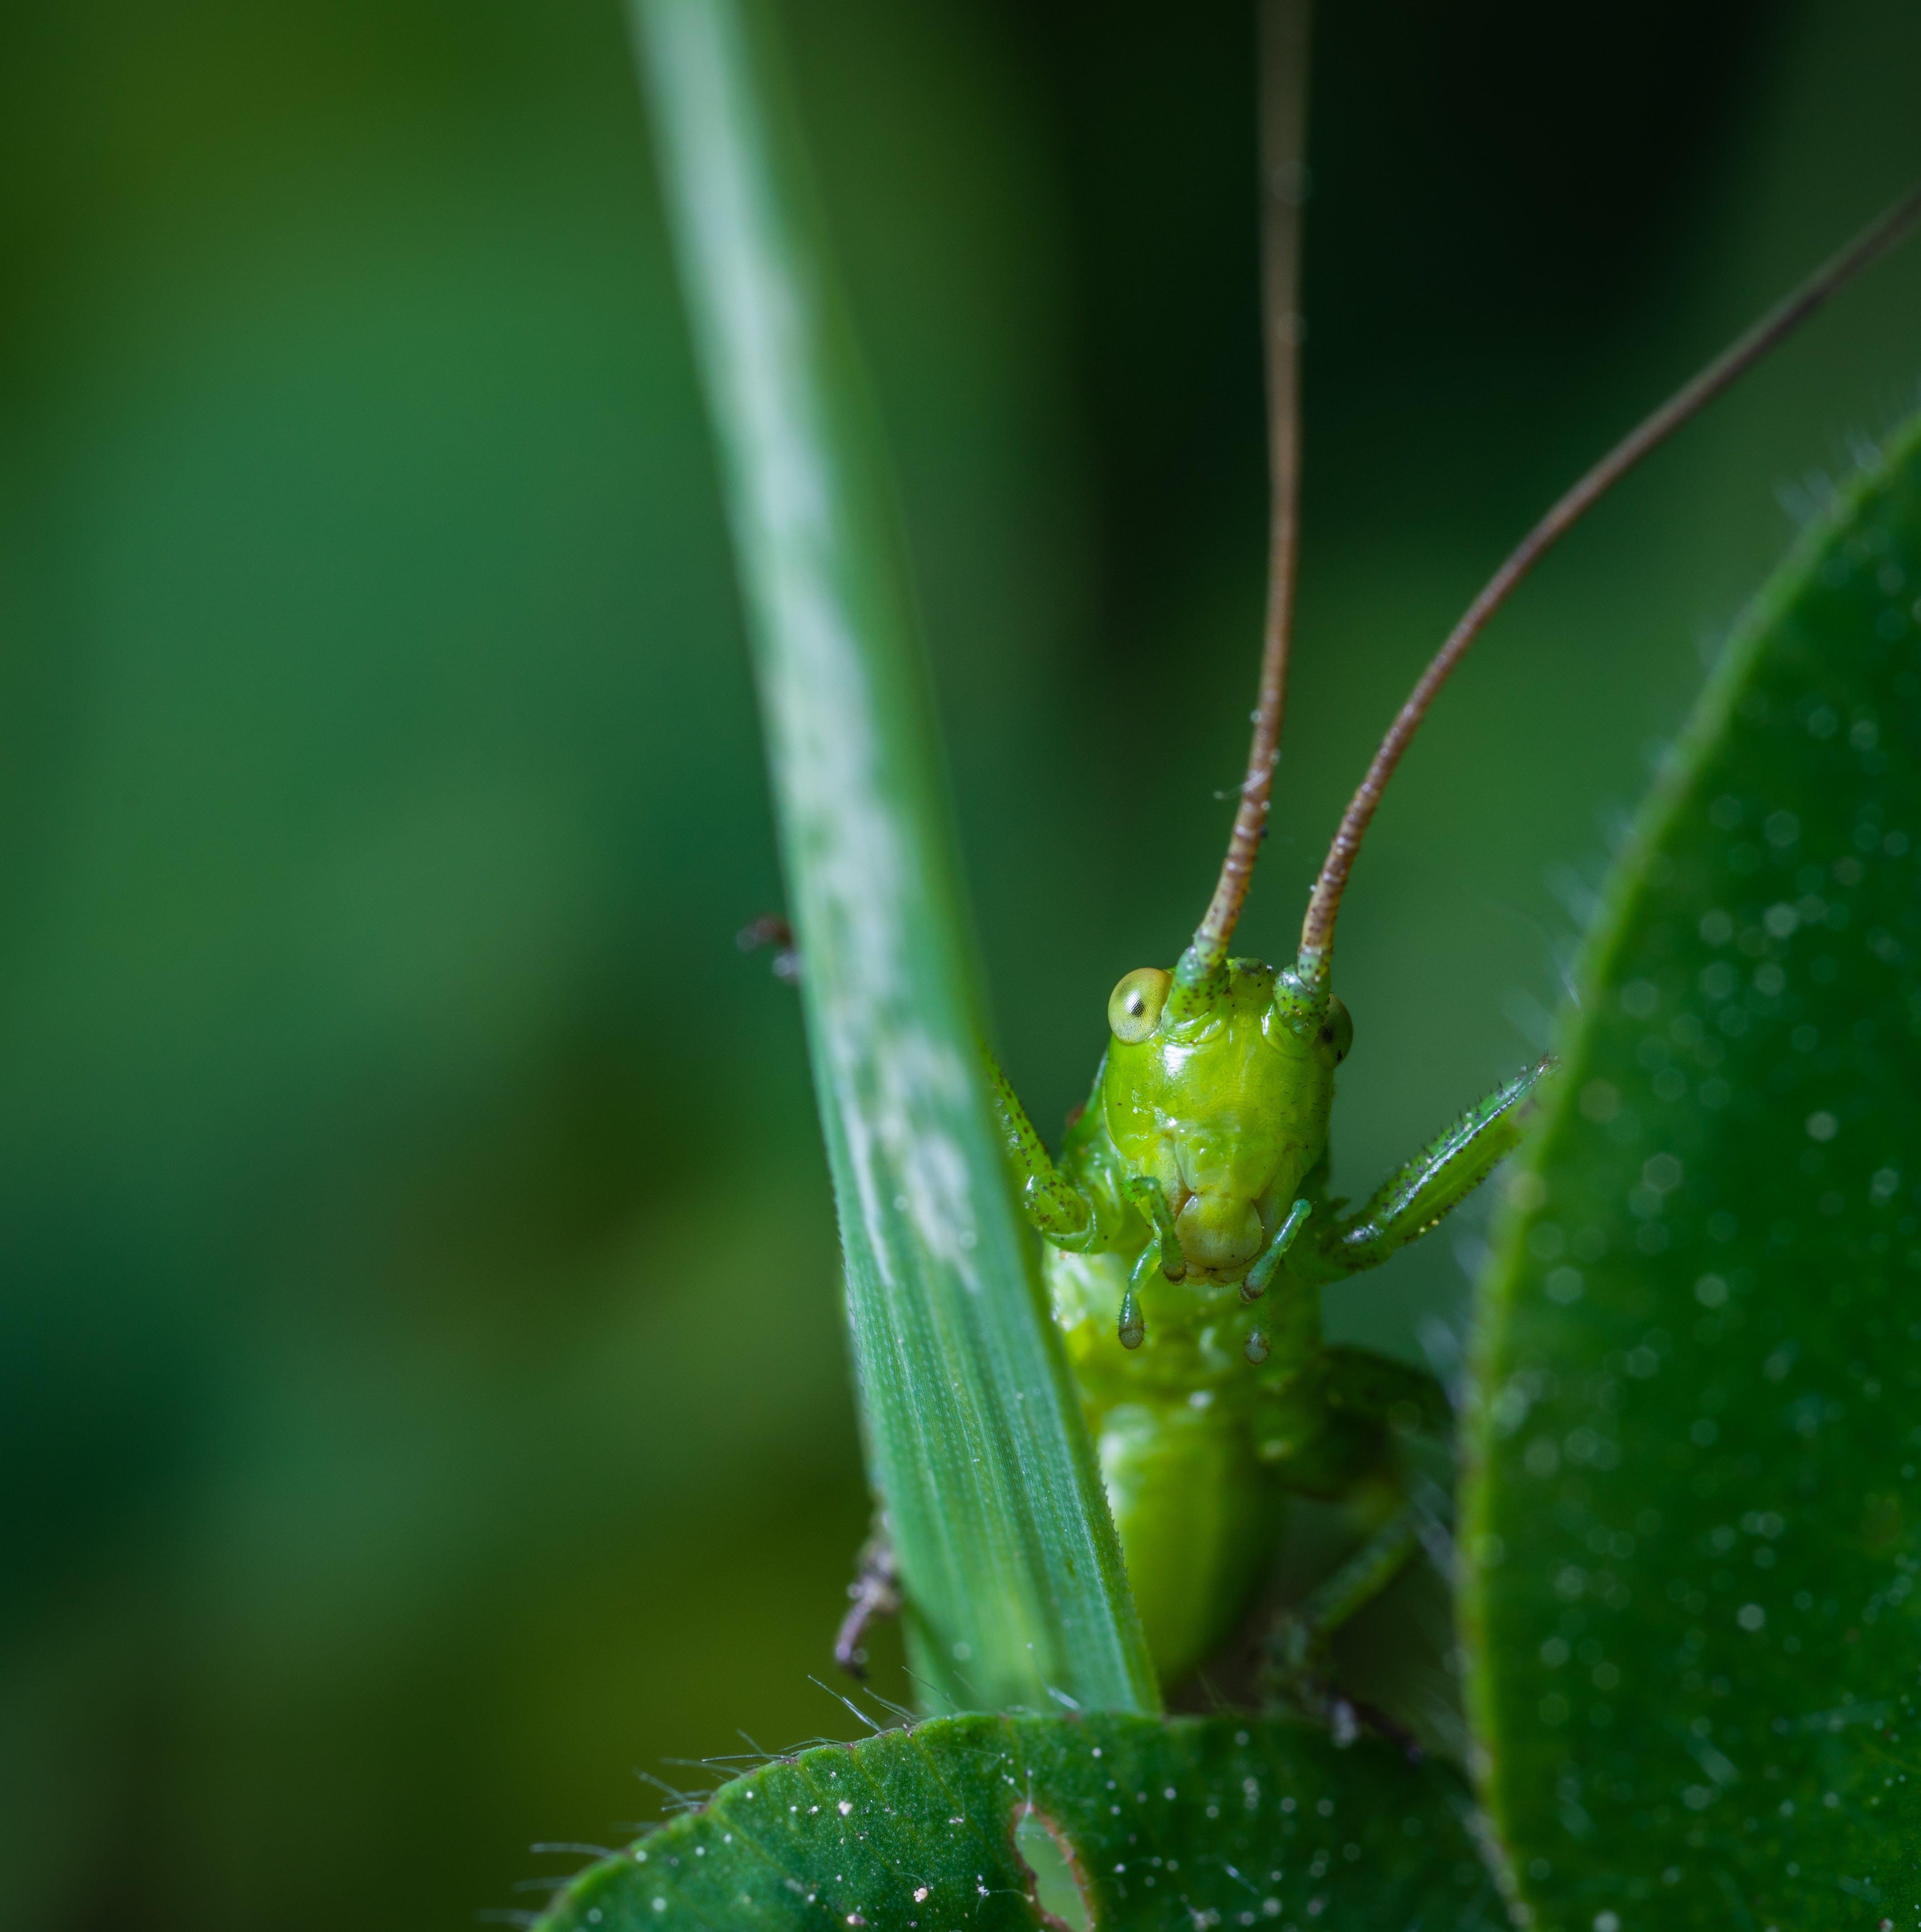 動物, 小, 微距攝影, 昆蟲 的 免费素材照片